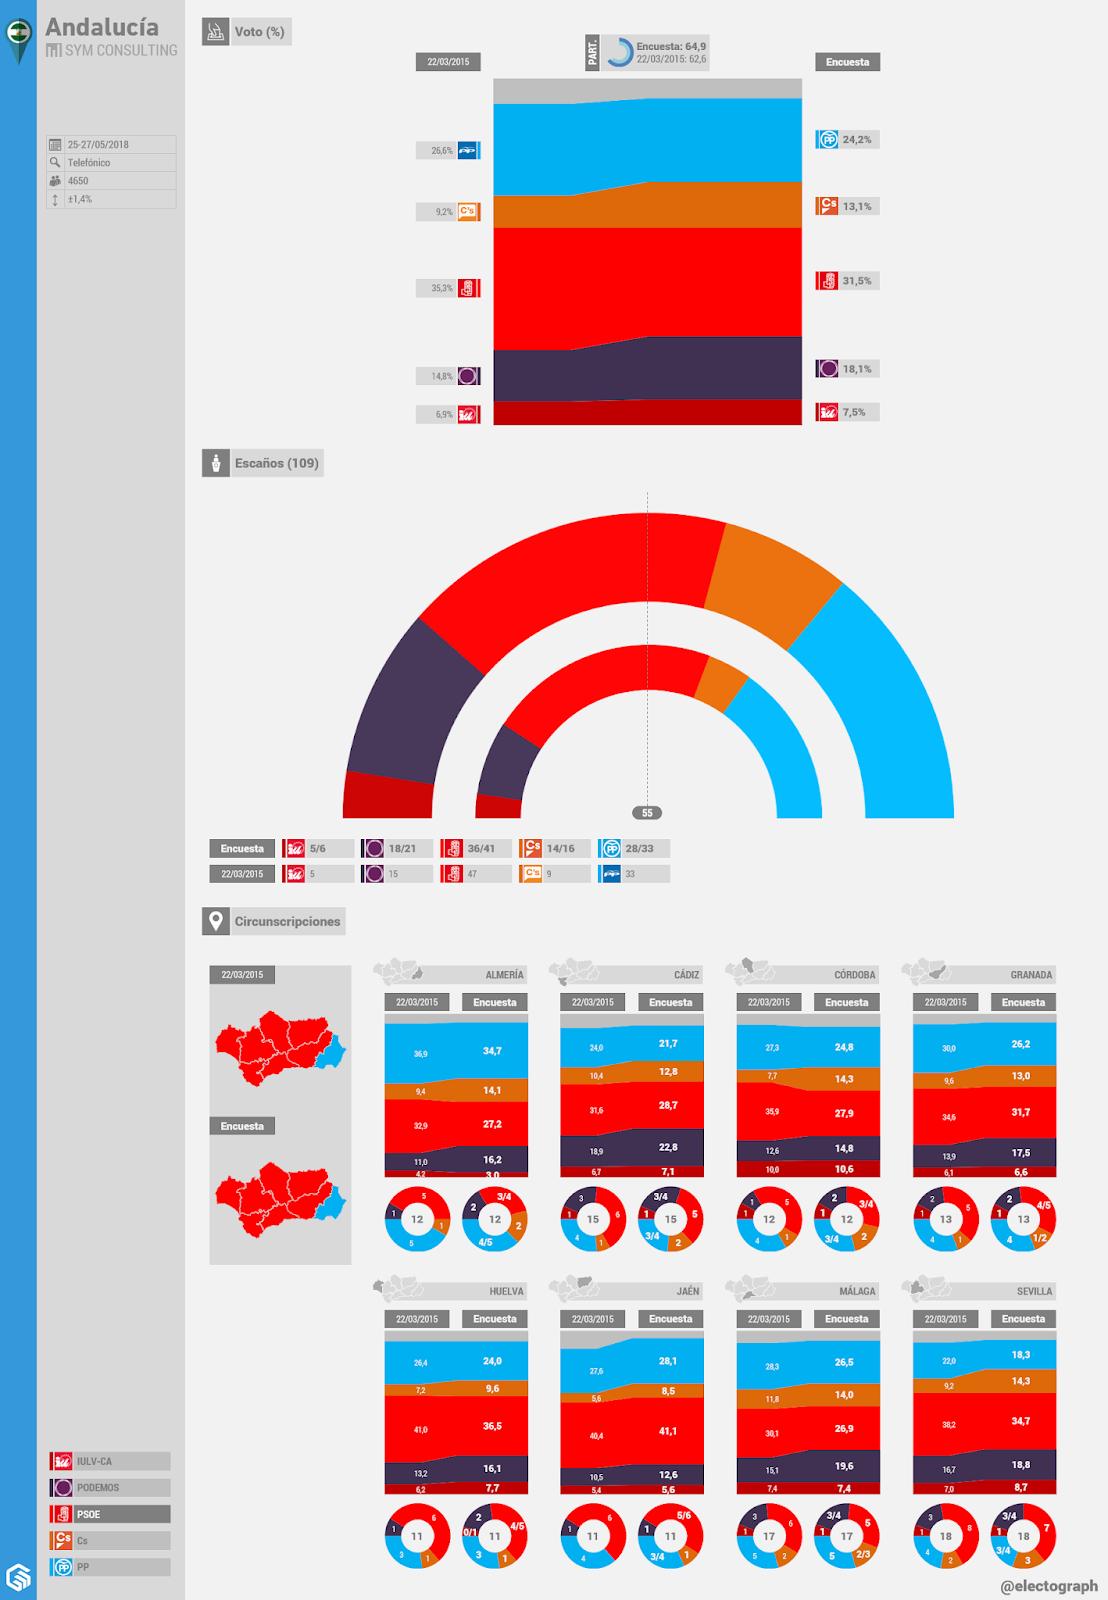 Gráfico de la encuesta para elecciones autonómicas en Andalucía realizada por SyM Consulting en mayo de 2018